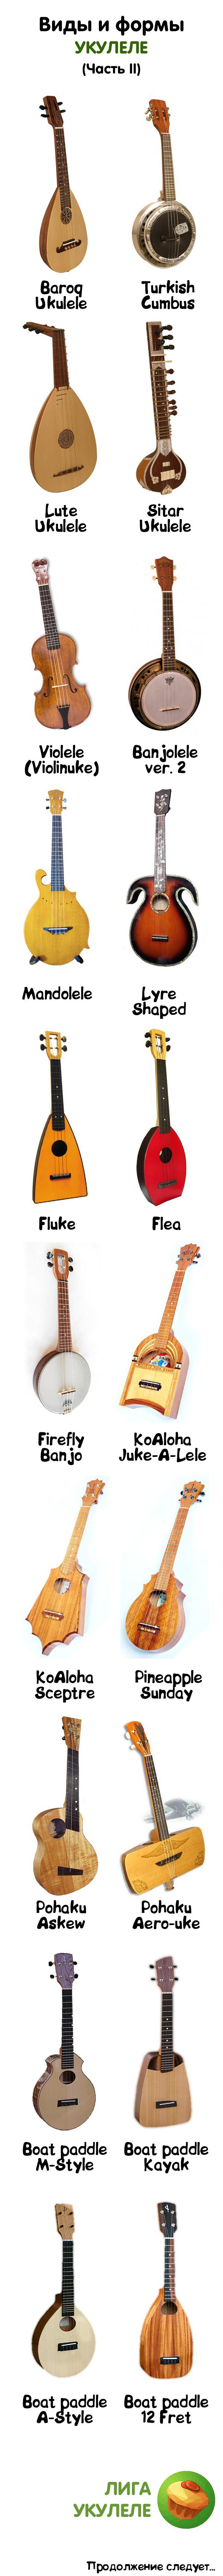 Виды и формы укулеле - Часть 2 Укулеле, Гитара, Картинки, Музыкальные инструменты, Гавайская гитара, Длиннопост